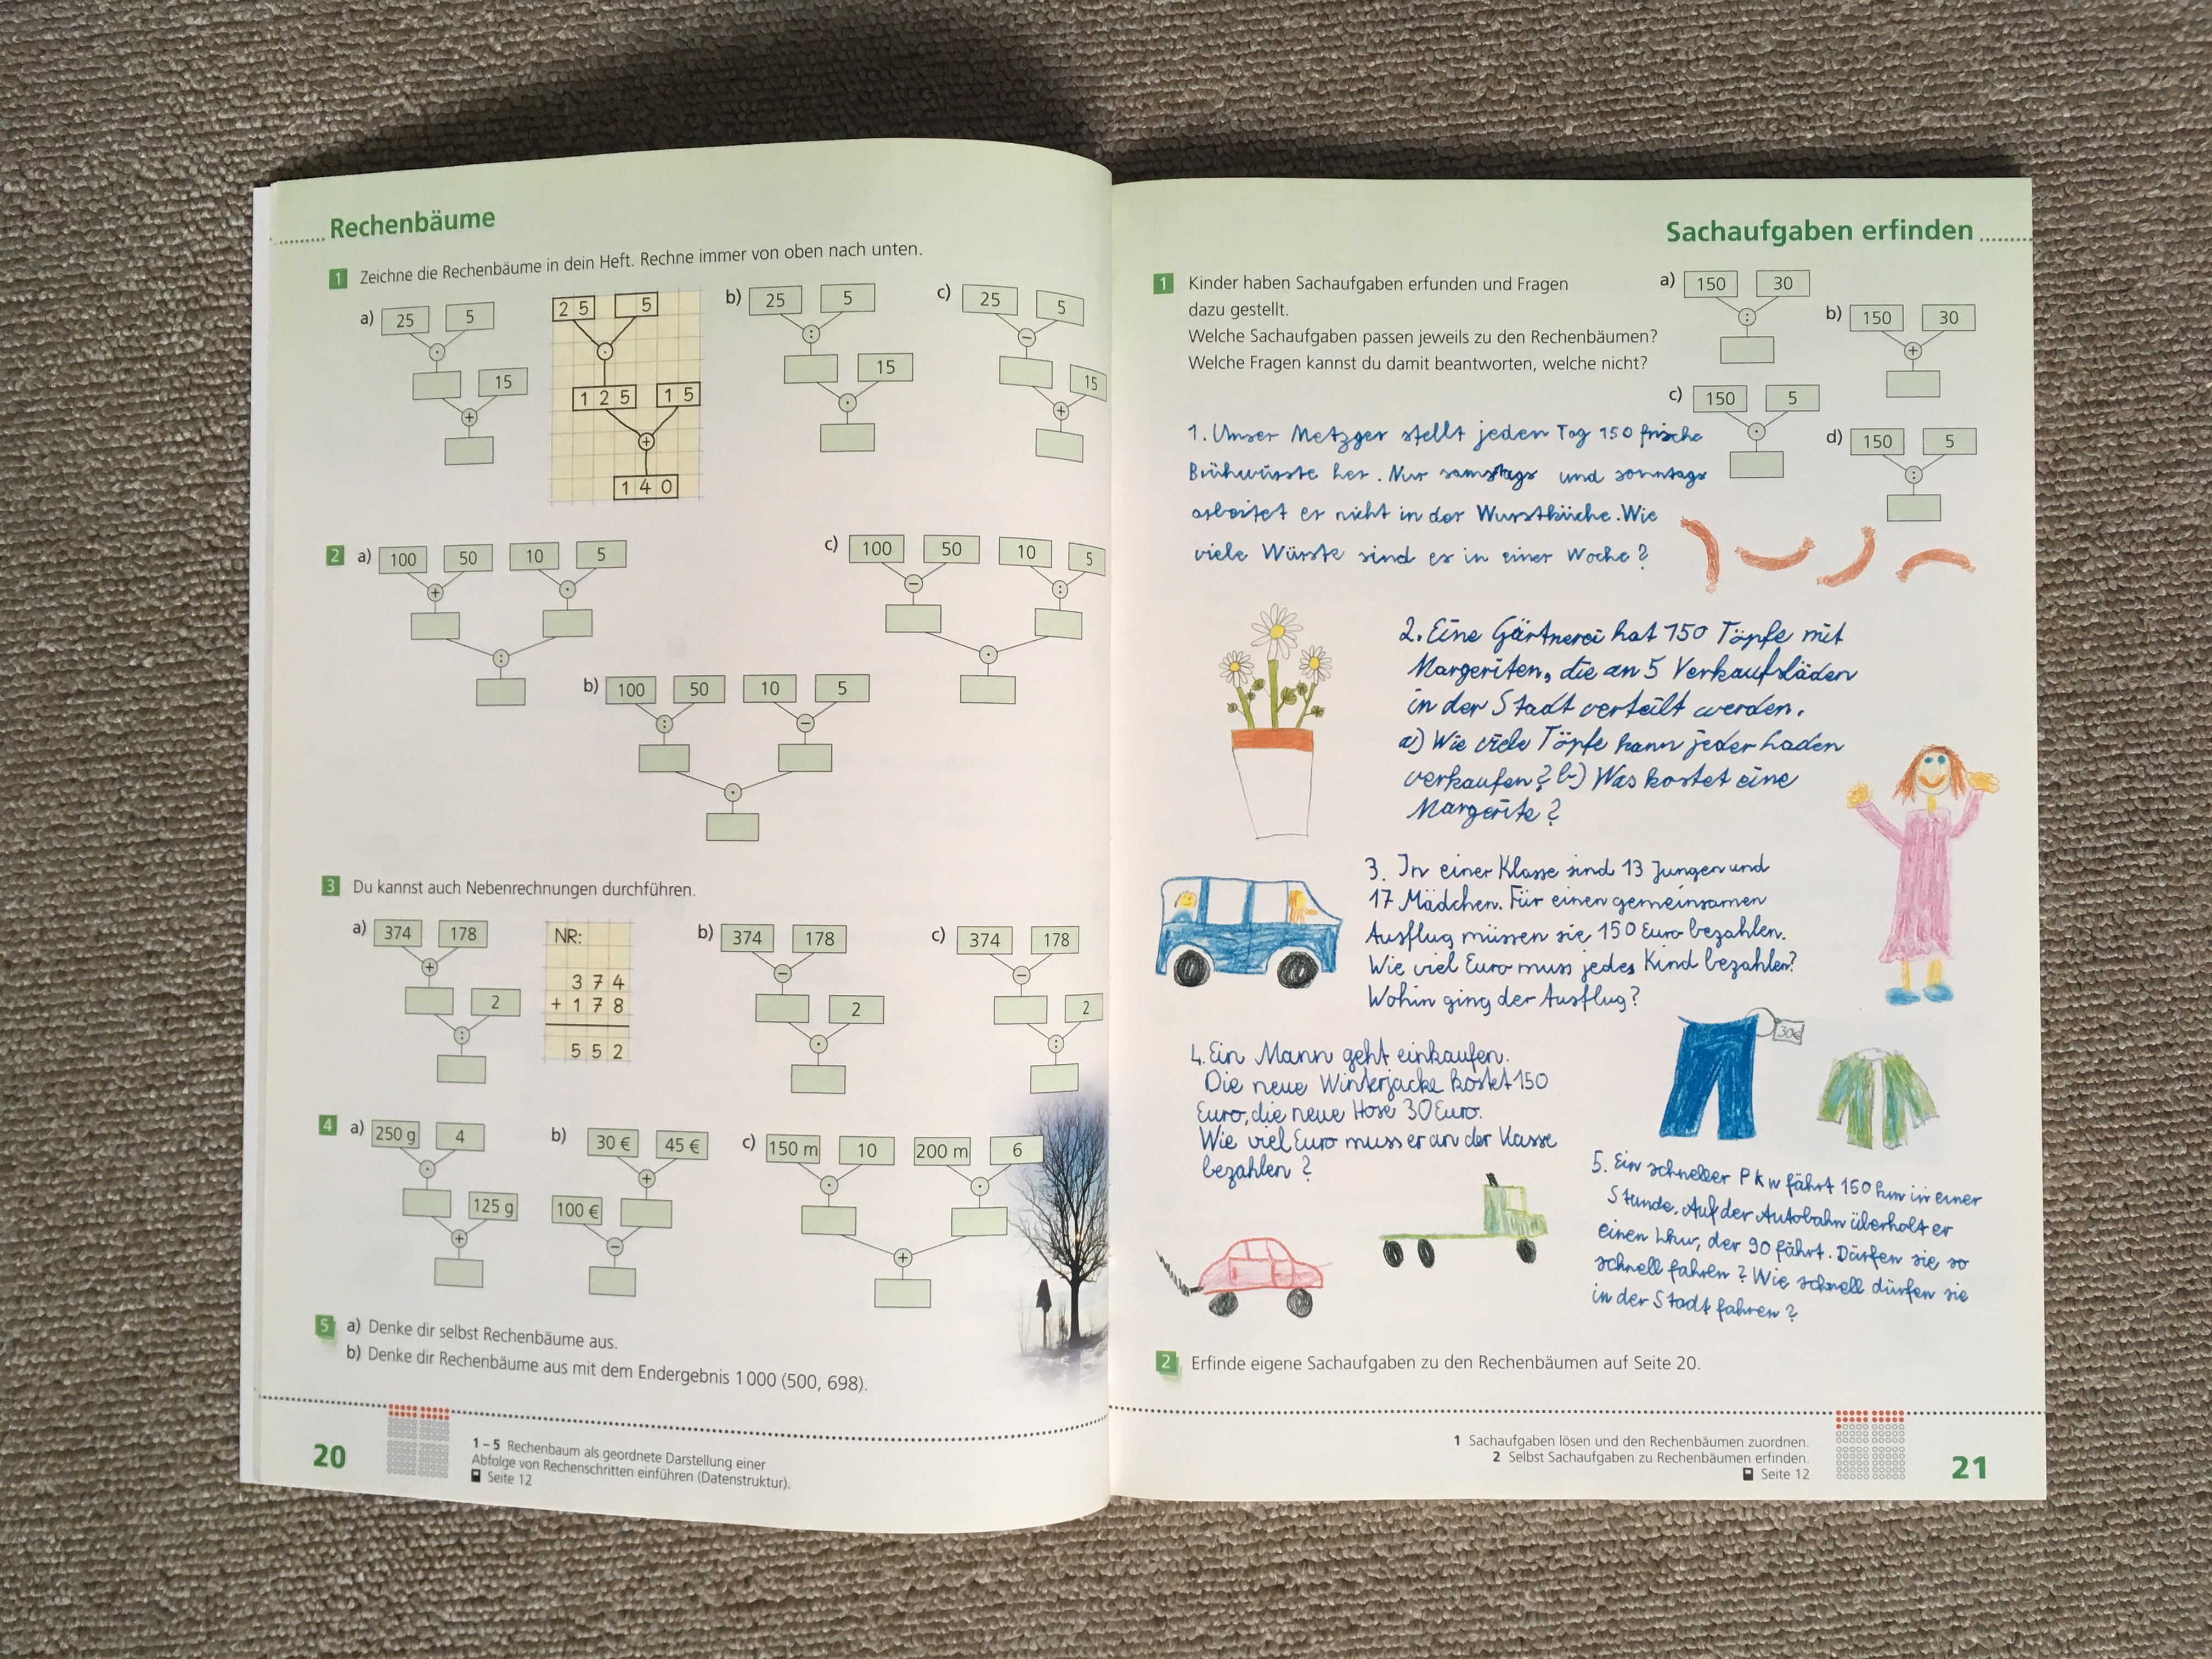 Rechenbäume - Mathematik im Herbst für die Klassen 1 - 4 - Schulkater